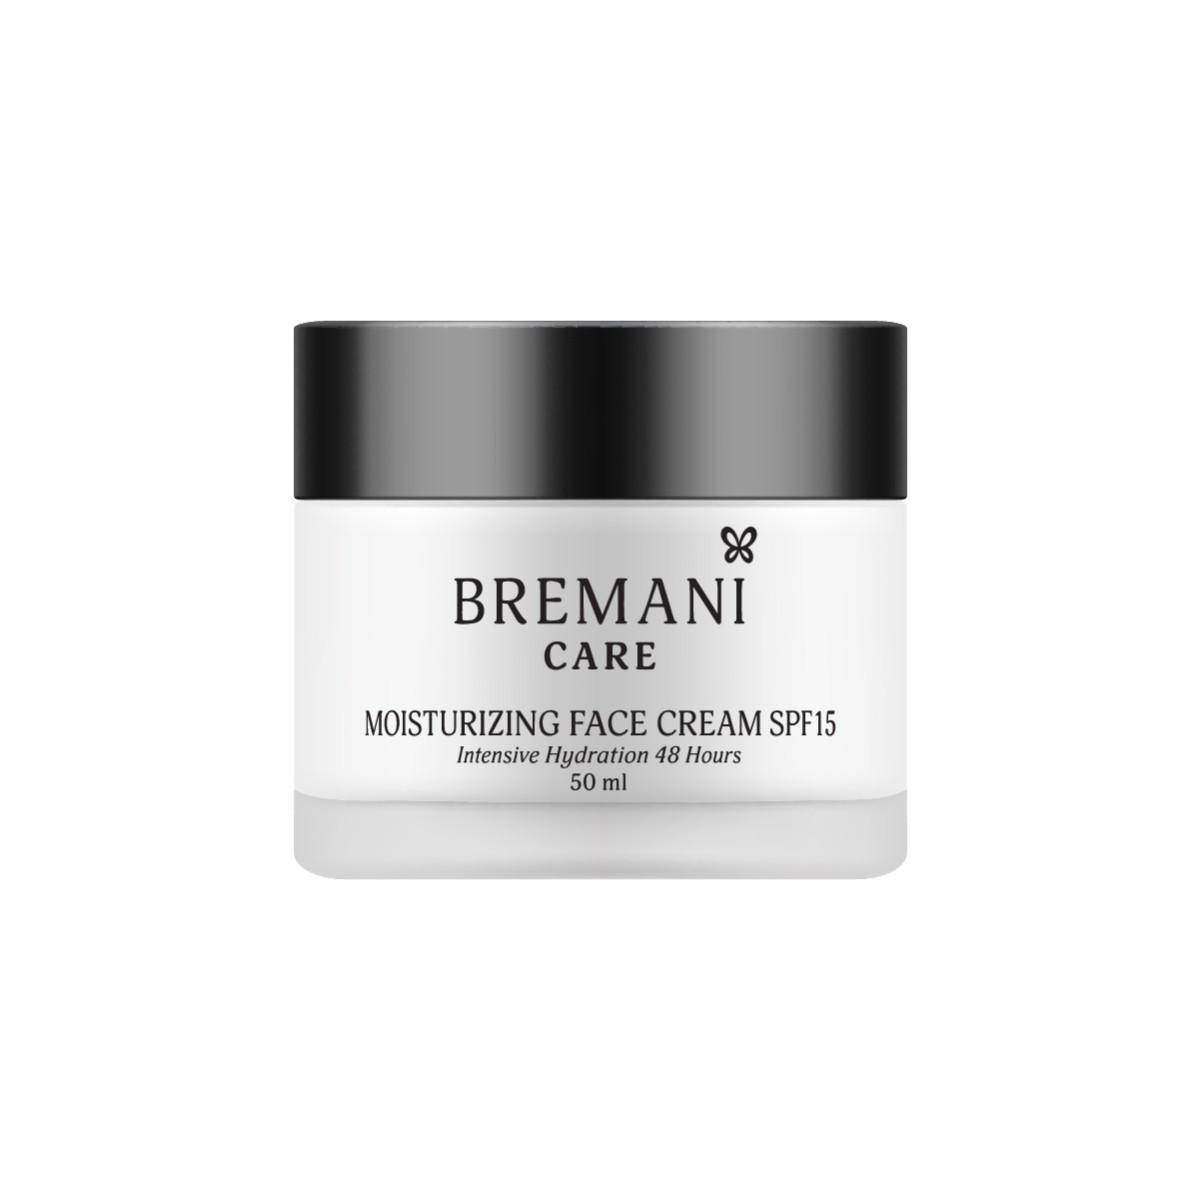 Moisturizing Face Cream SPF15.  Увлажняющий крем для лица SPF15. Интенсивное увлажнение на 48 ч, 50мл